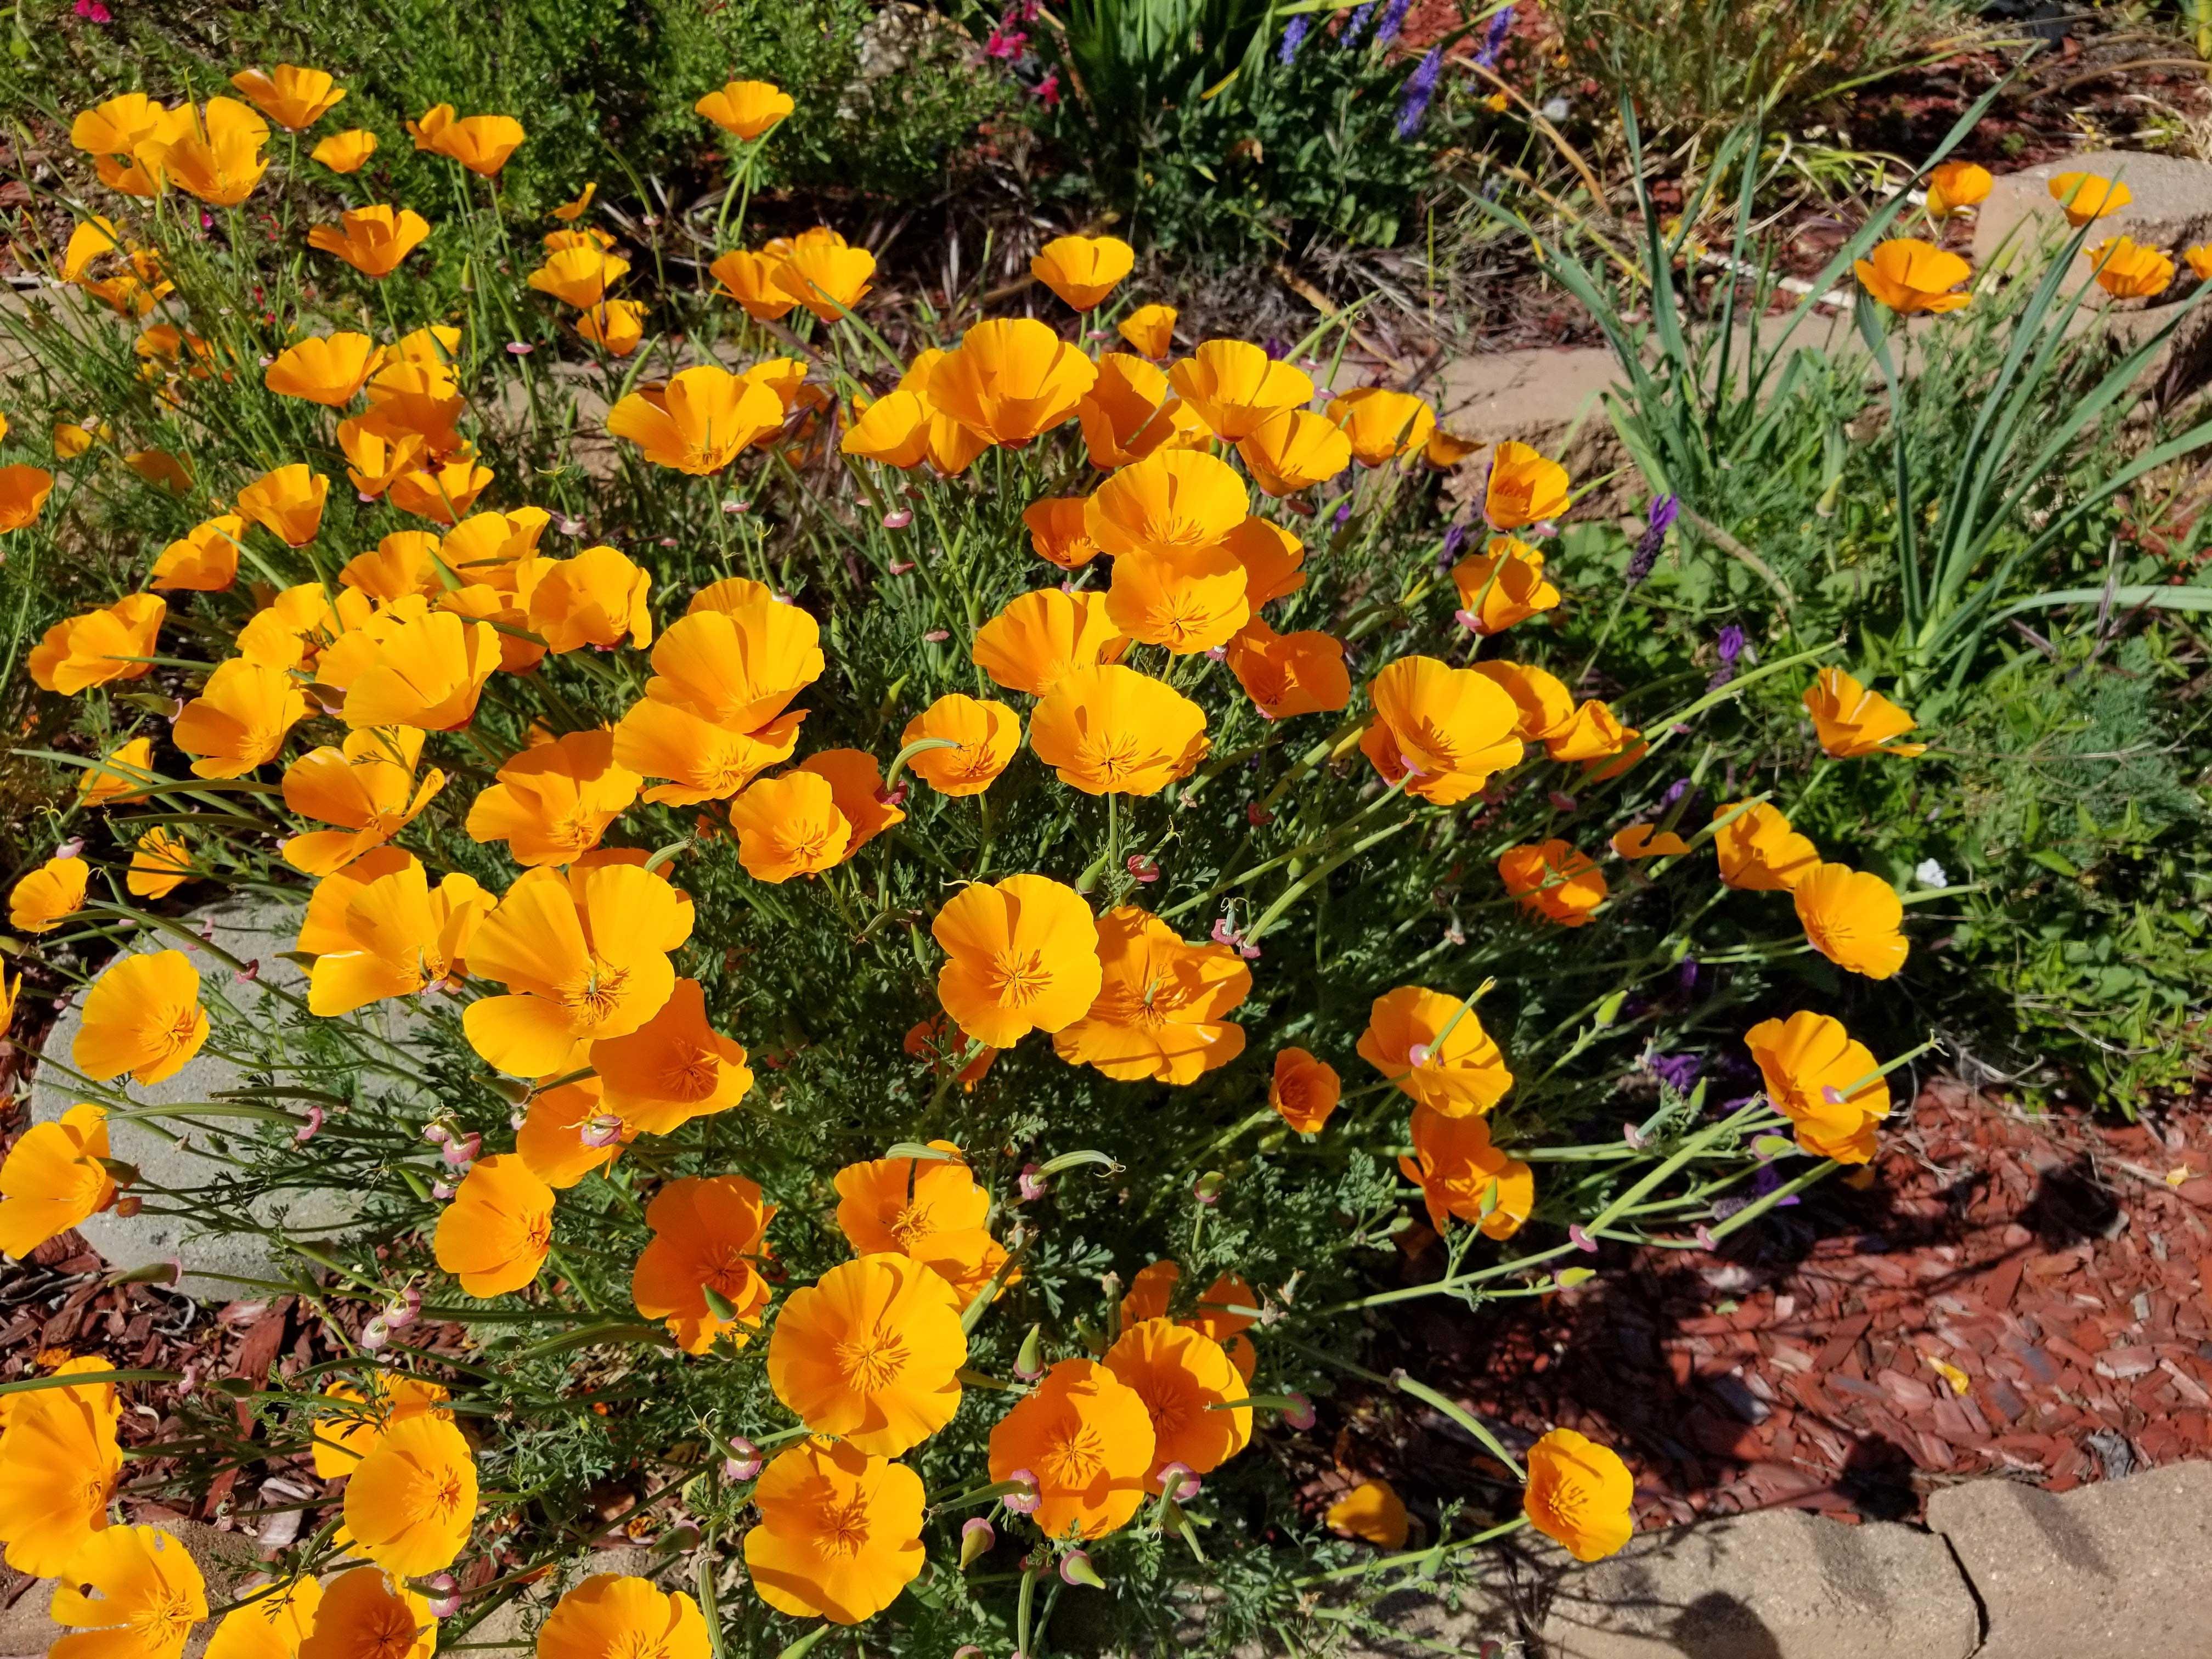 This Sunnyvale Garden April 2017 Sunnyvale Garden